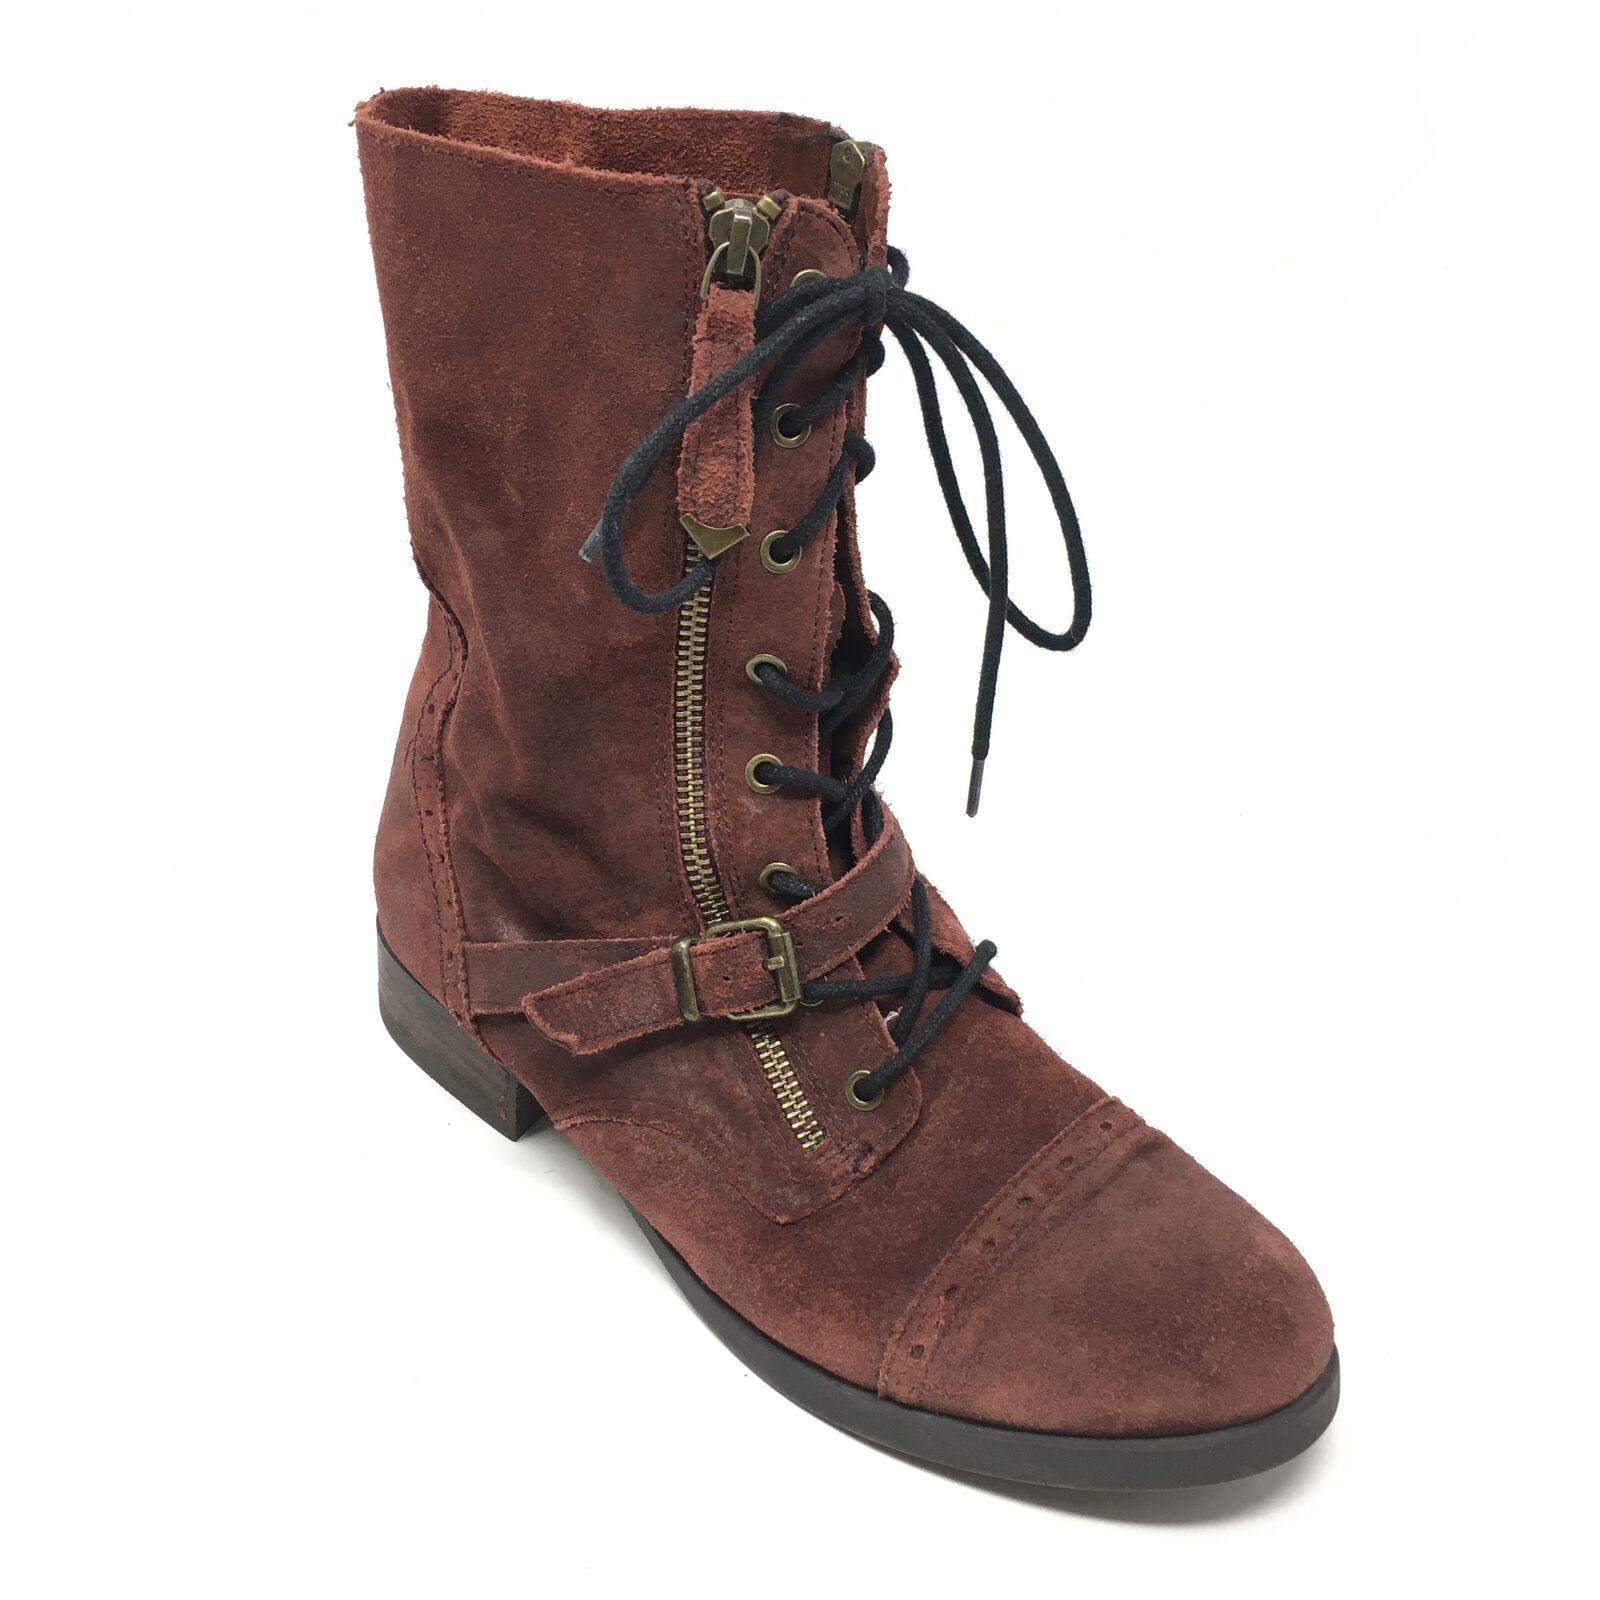 Women's Aldo Combat Boots shoes Size 39 EU 8.5M US Maroon Suede Ankle Casual Q10